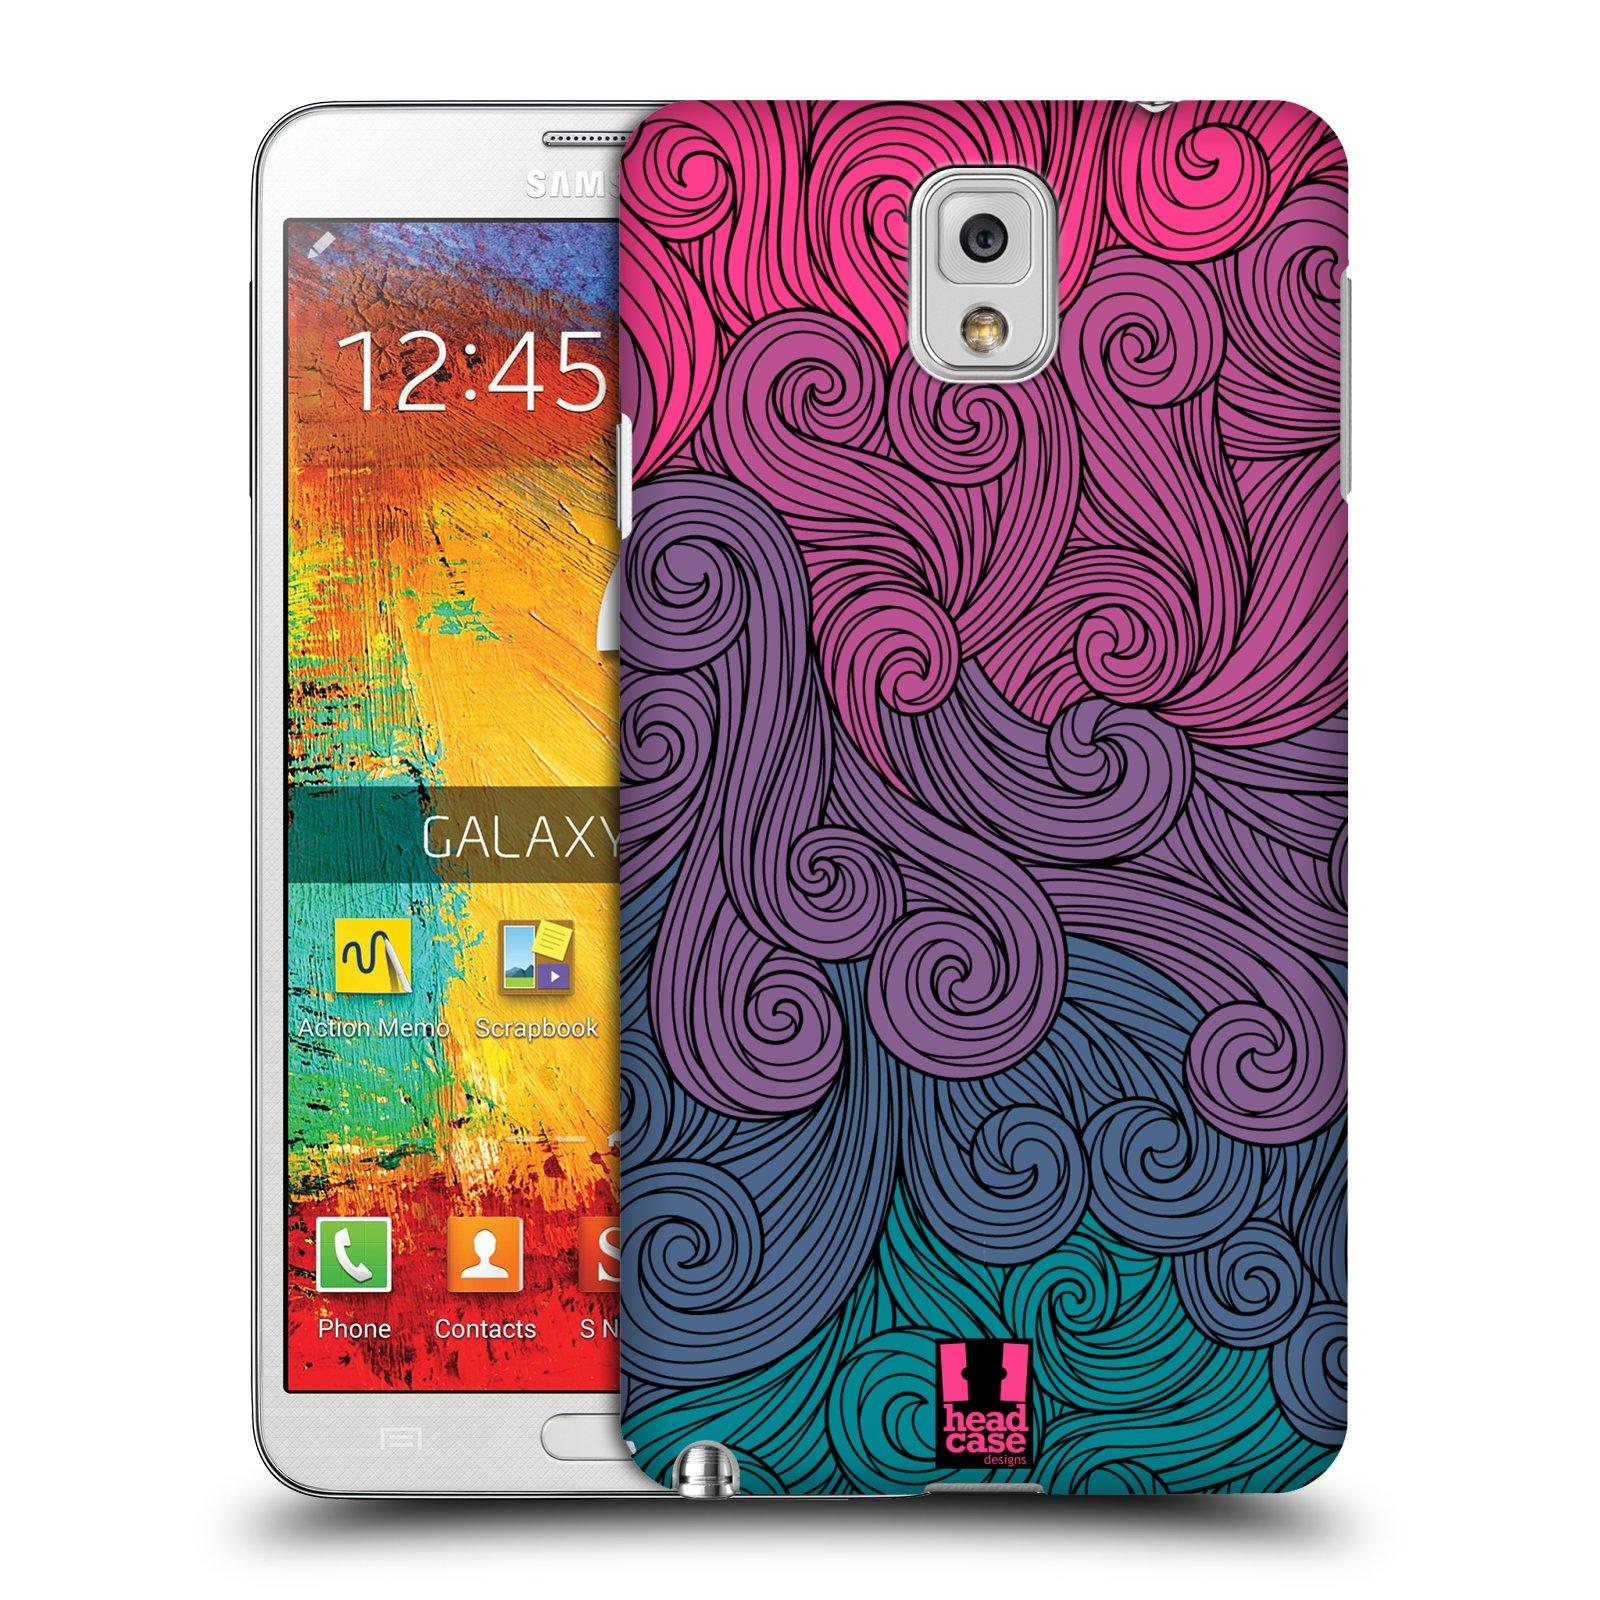 Plastové pouzdro na mobil Samsung Galaxy Note 3 HEAD CASE Swirls Hot Pink (Kryt či obal na mobilní telefon Samsung Galaxy Note 3 SM-N9005)